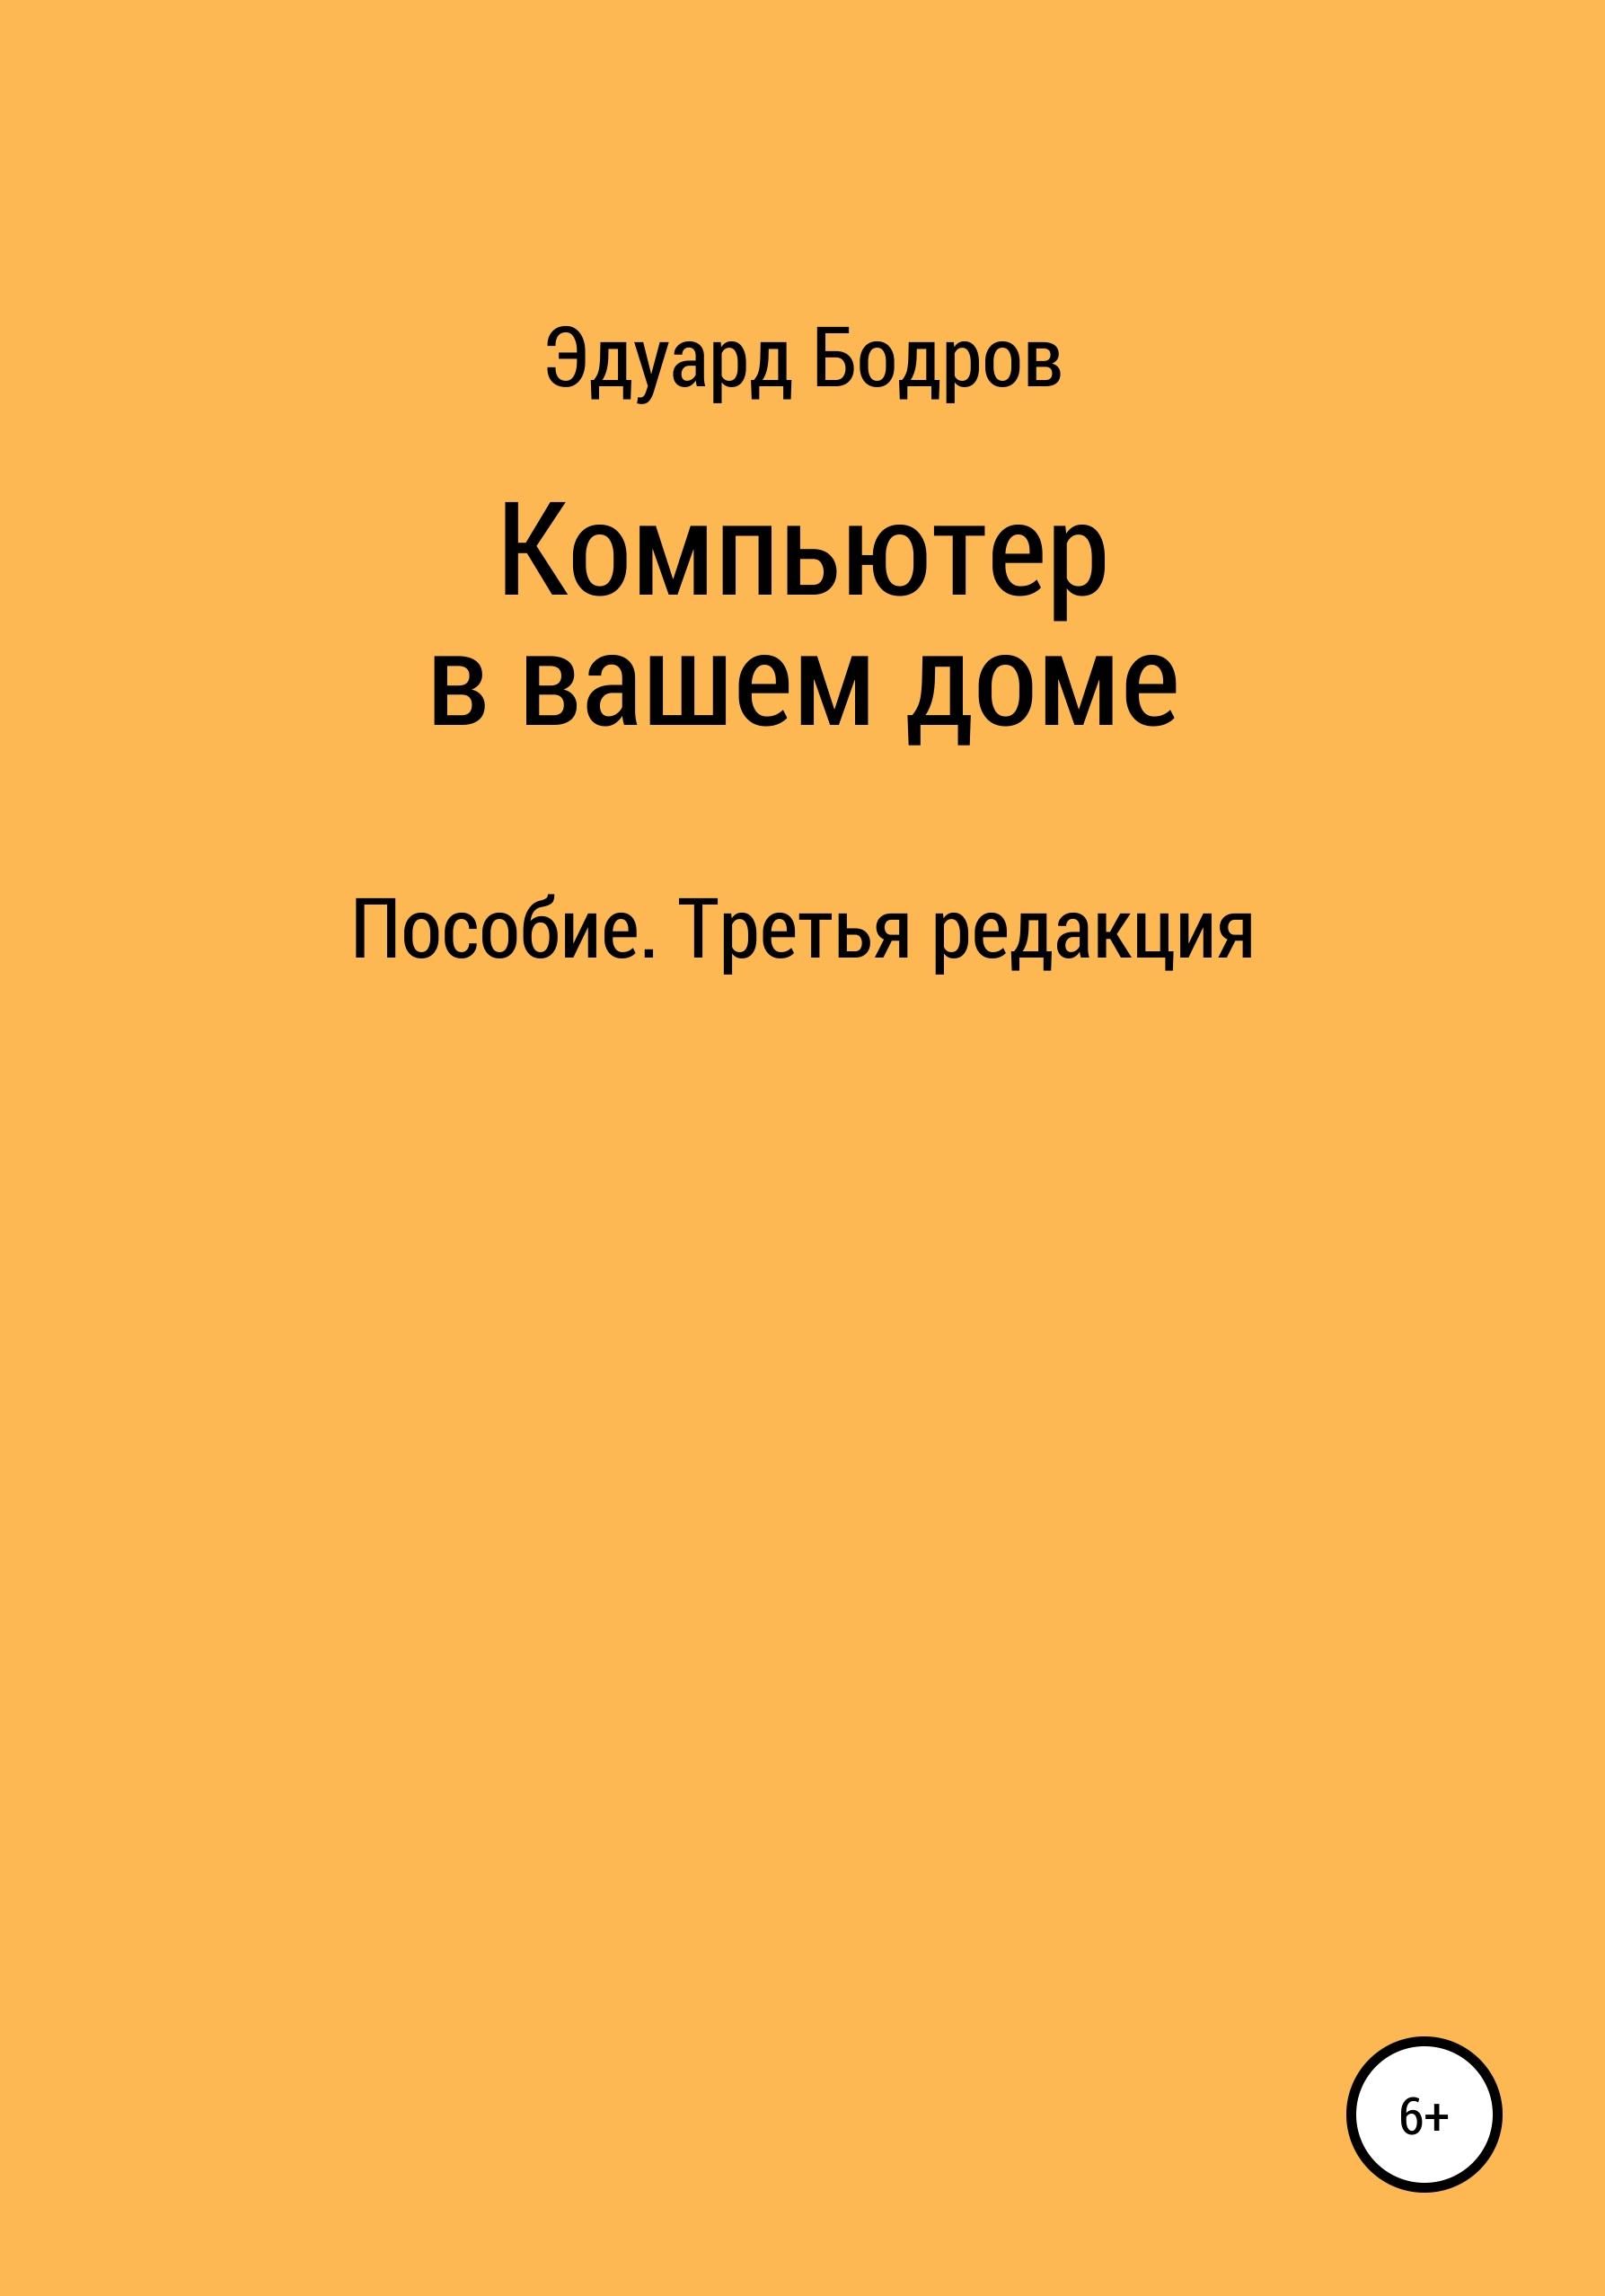 Эдуард Николаевич Бодров Компьютер в вашем доме. Пособие для начинающих. Вторая редакция компьютер